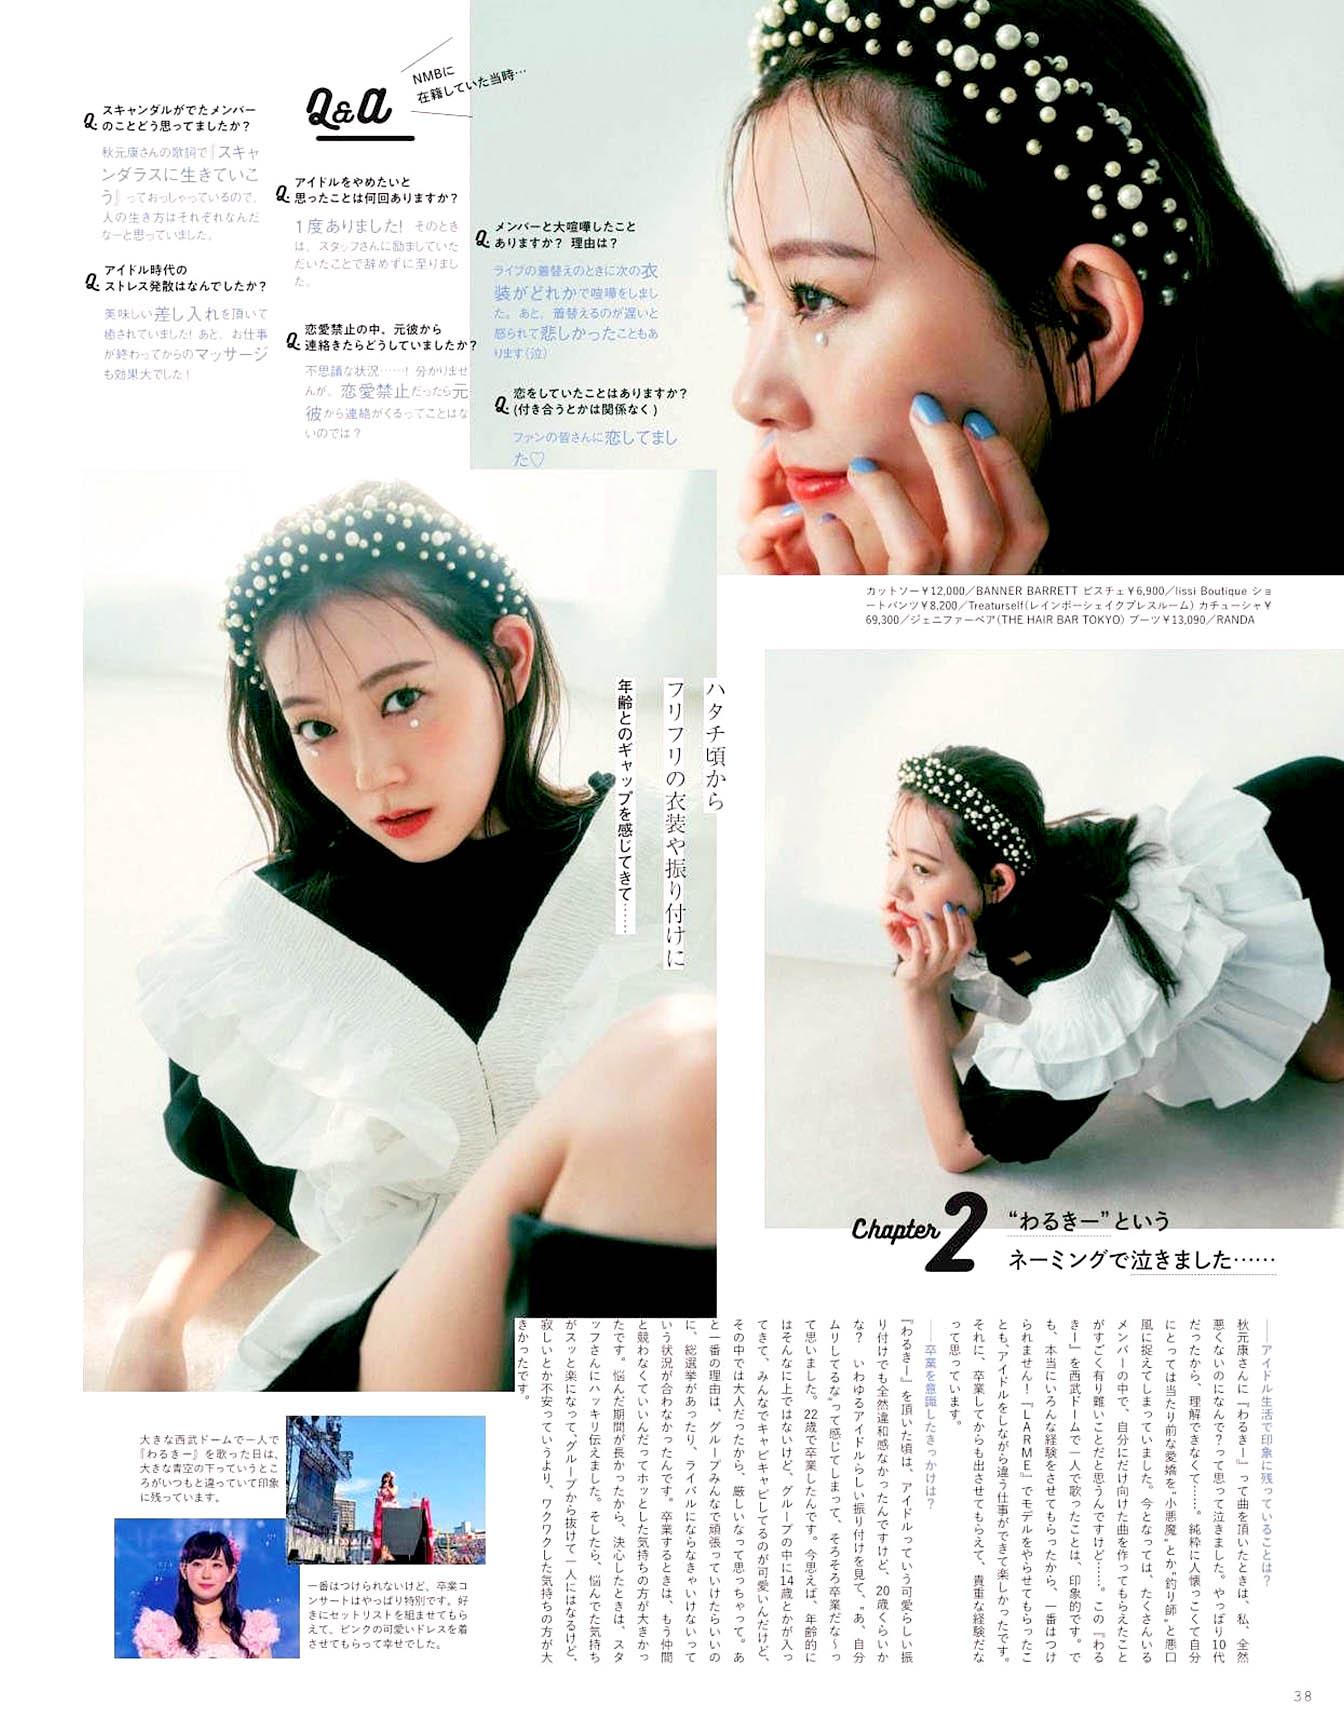 MiWatanabe Peche 2108 03.jpg